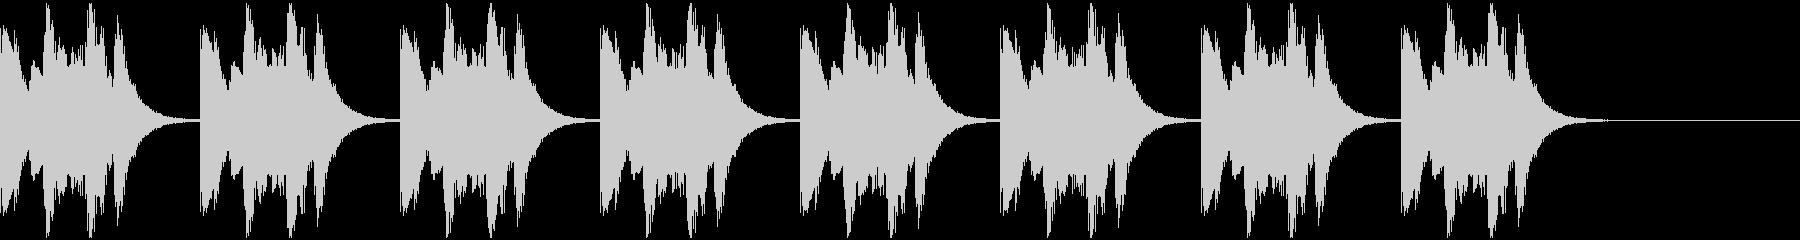 鉄琴・木琴による着信音(ループ版)の未再生の波形